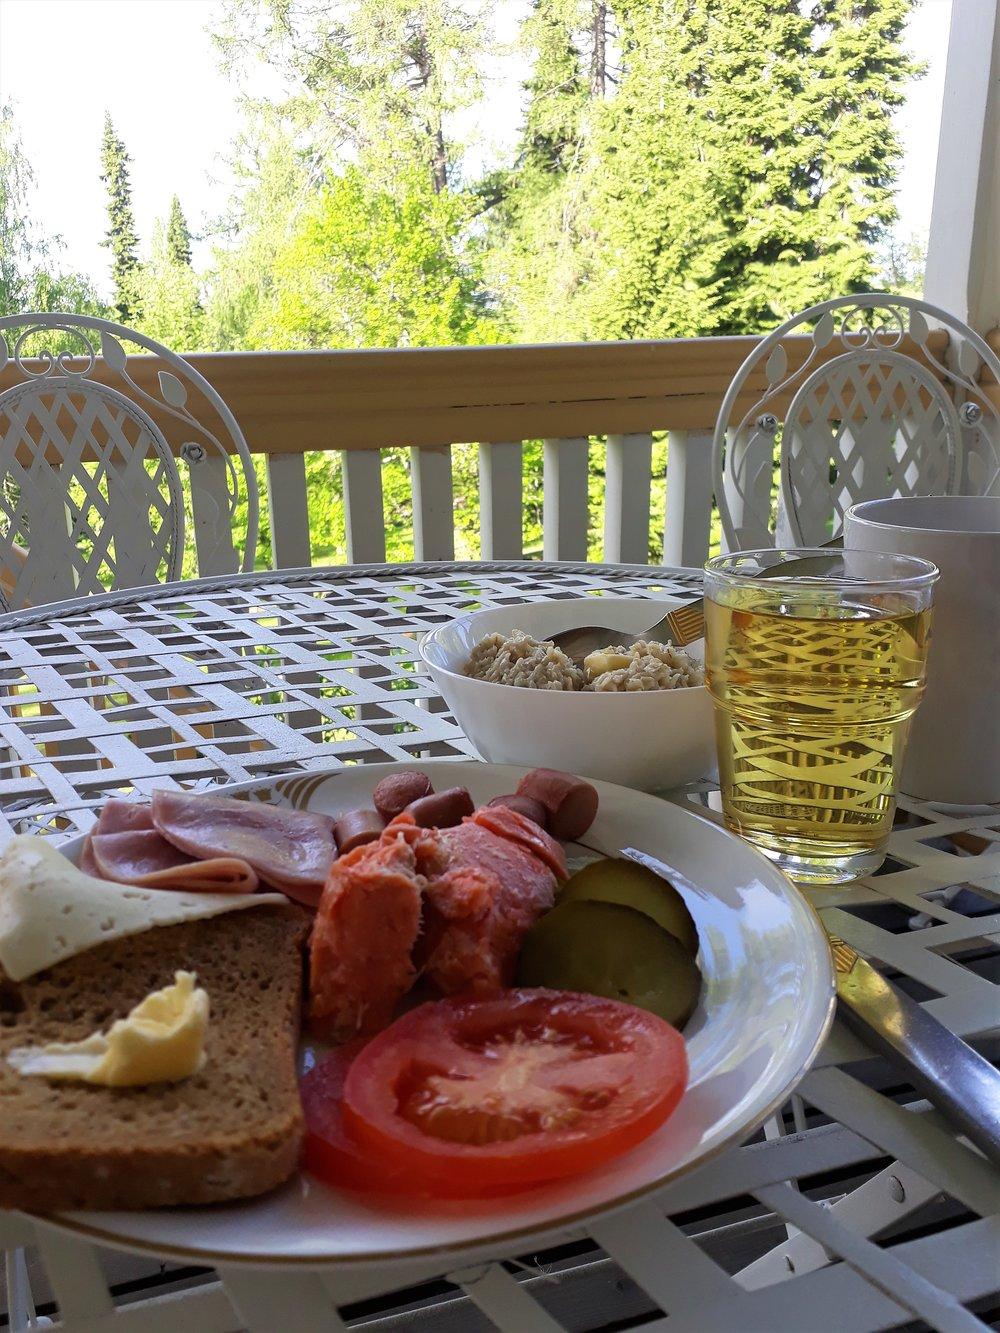 Aamiainen2.jpg